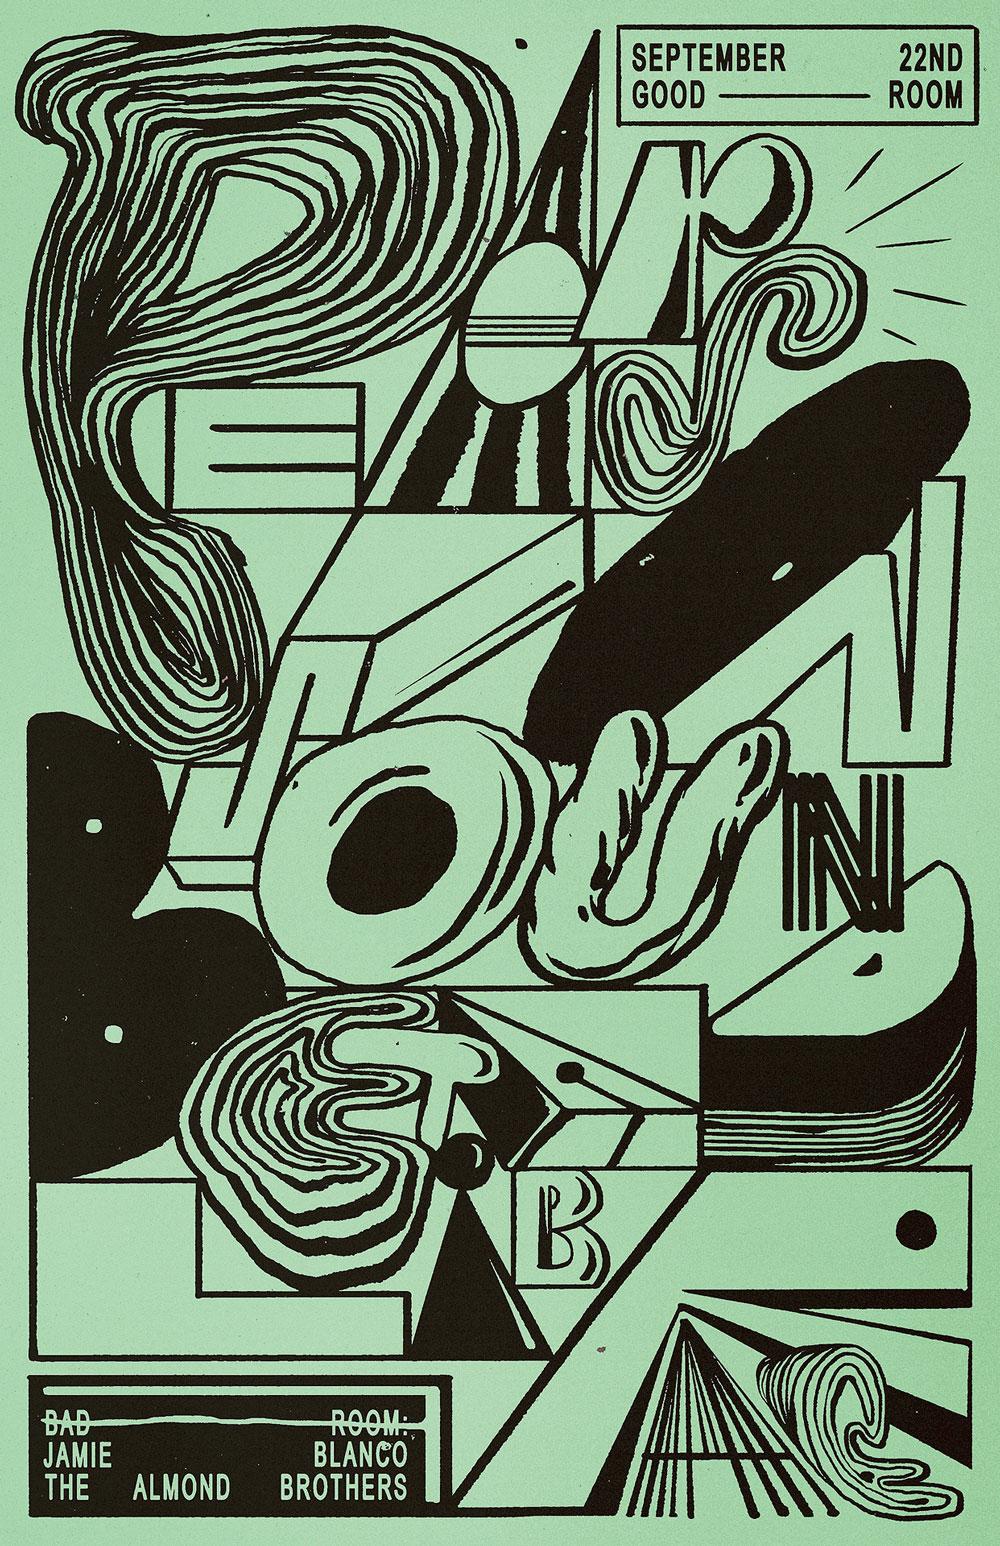 Bráulio Amado  Illustrator badbadbadbad.com New York